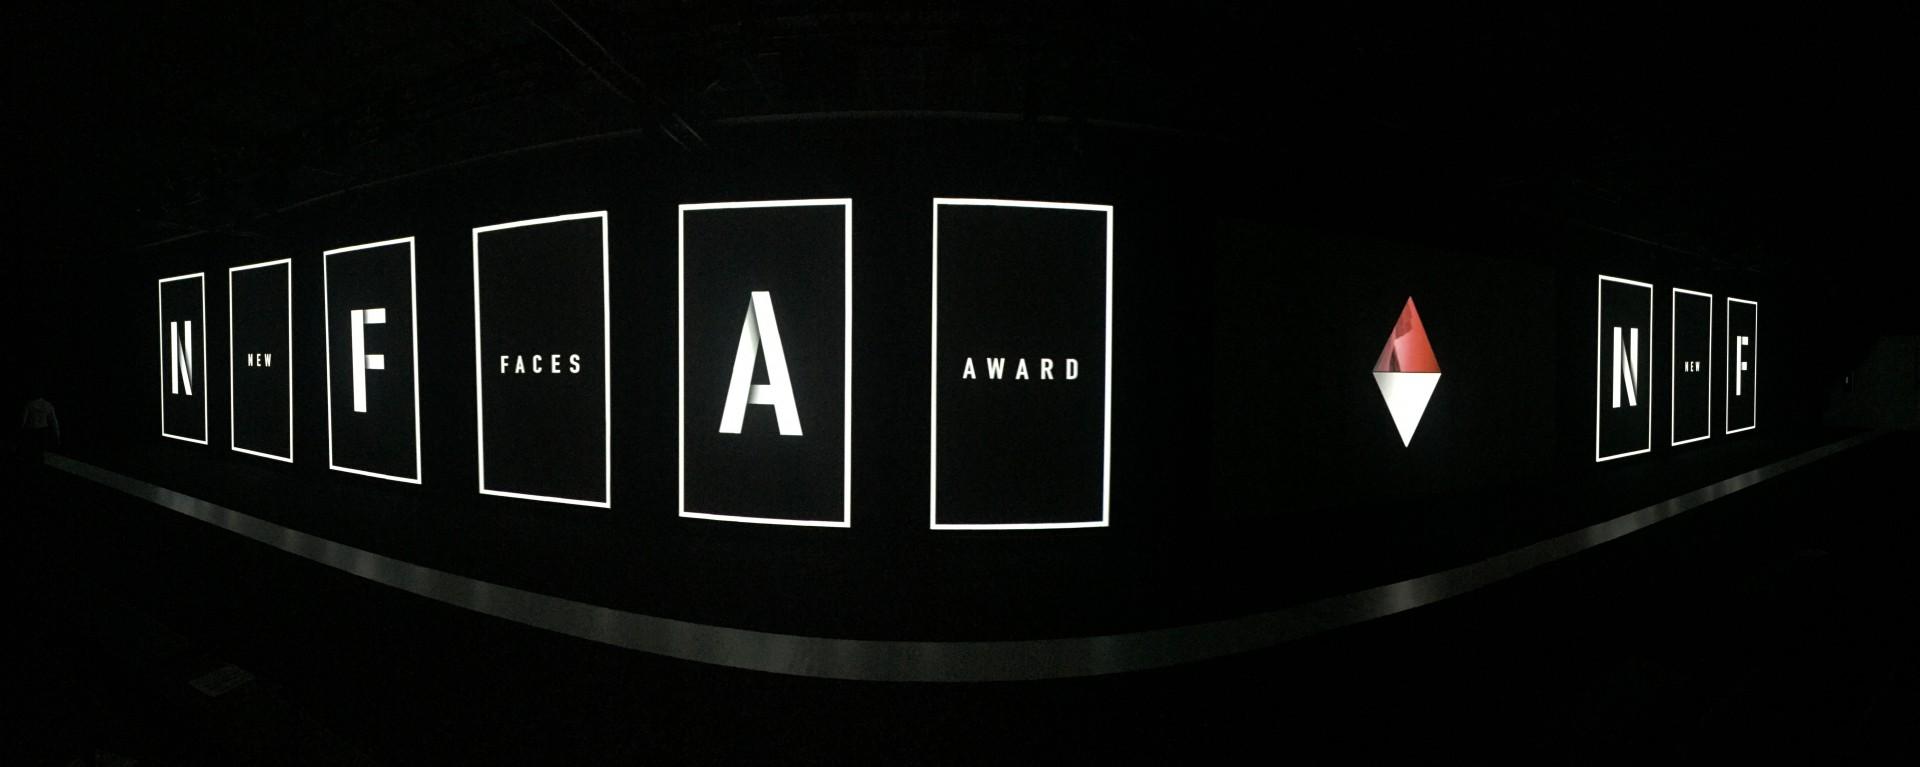 monomango New Faces Fashion Award